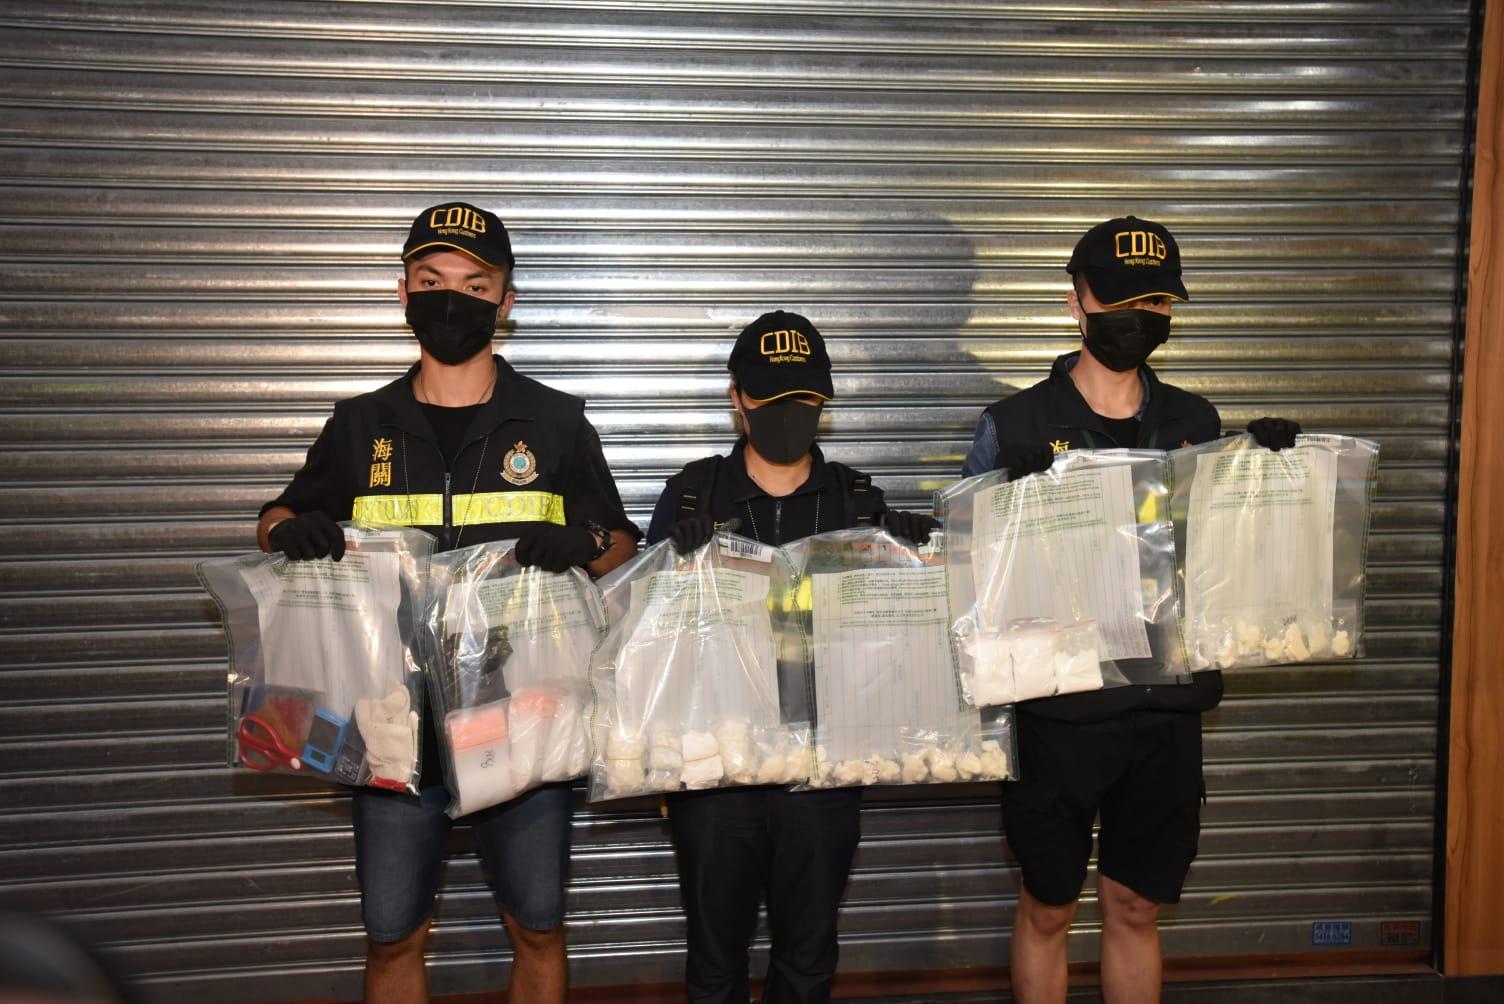 關員展示檢獲的可卡因毒品。